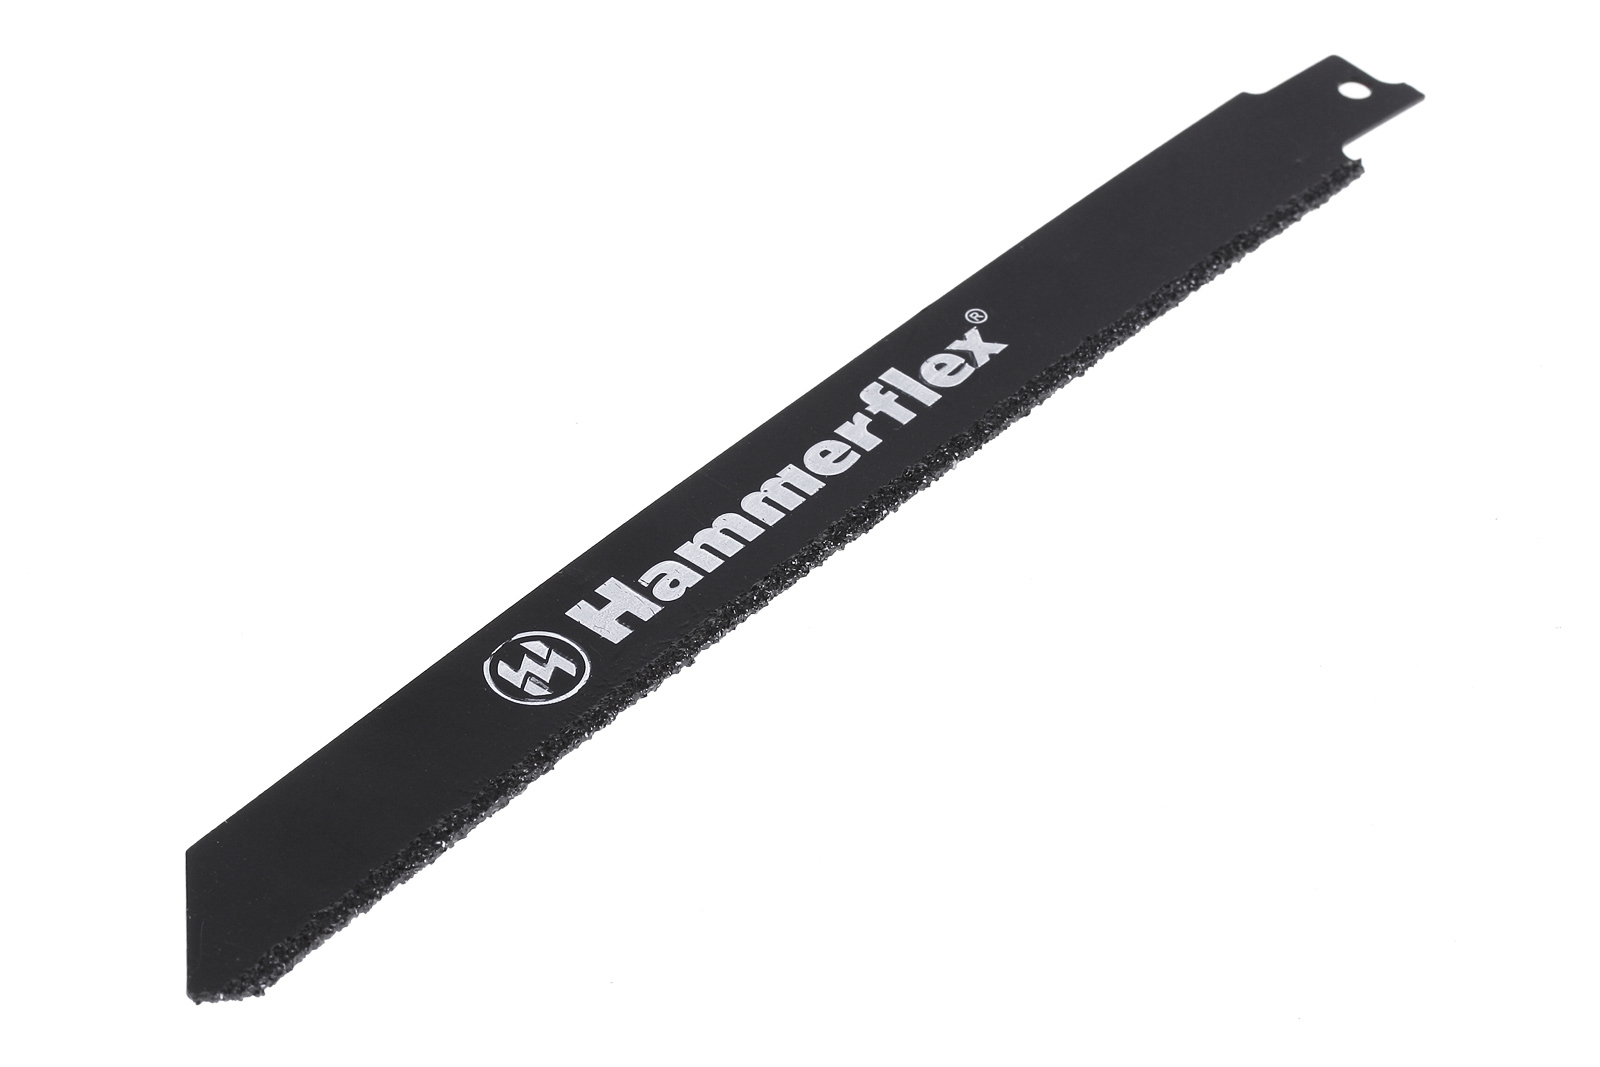 Полотно для сабельной пилы Hammer 225-204 rs bl 204 203х25,4х1.60 мм rg512 g50311 204